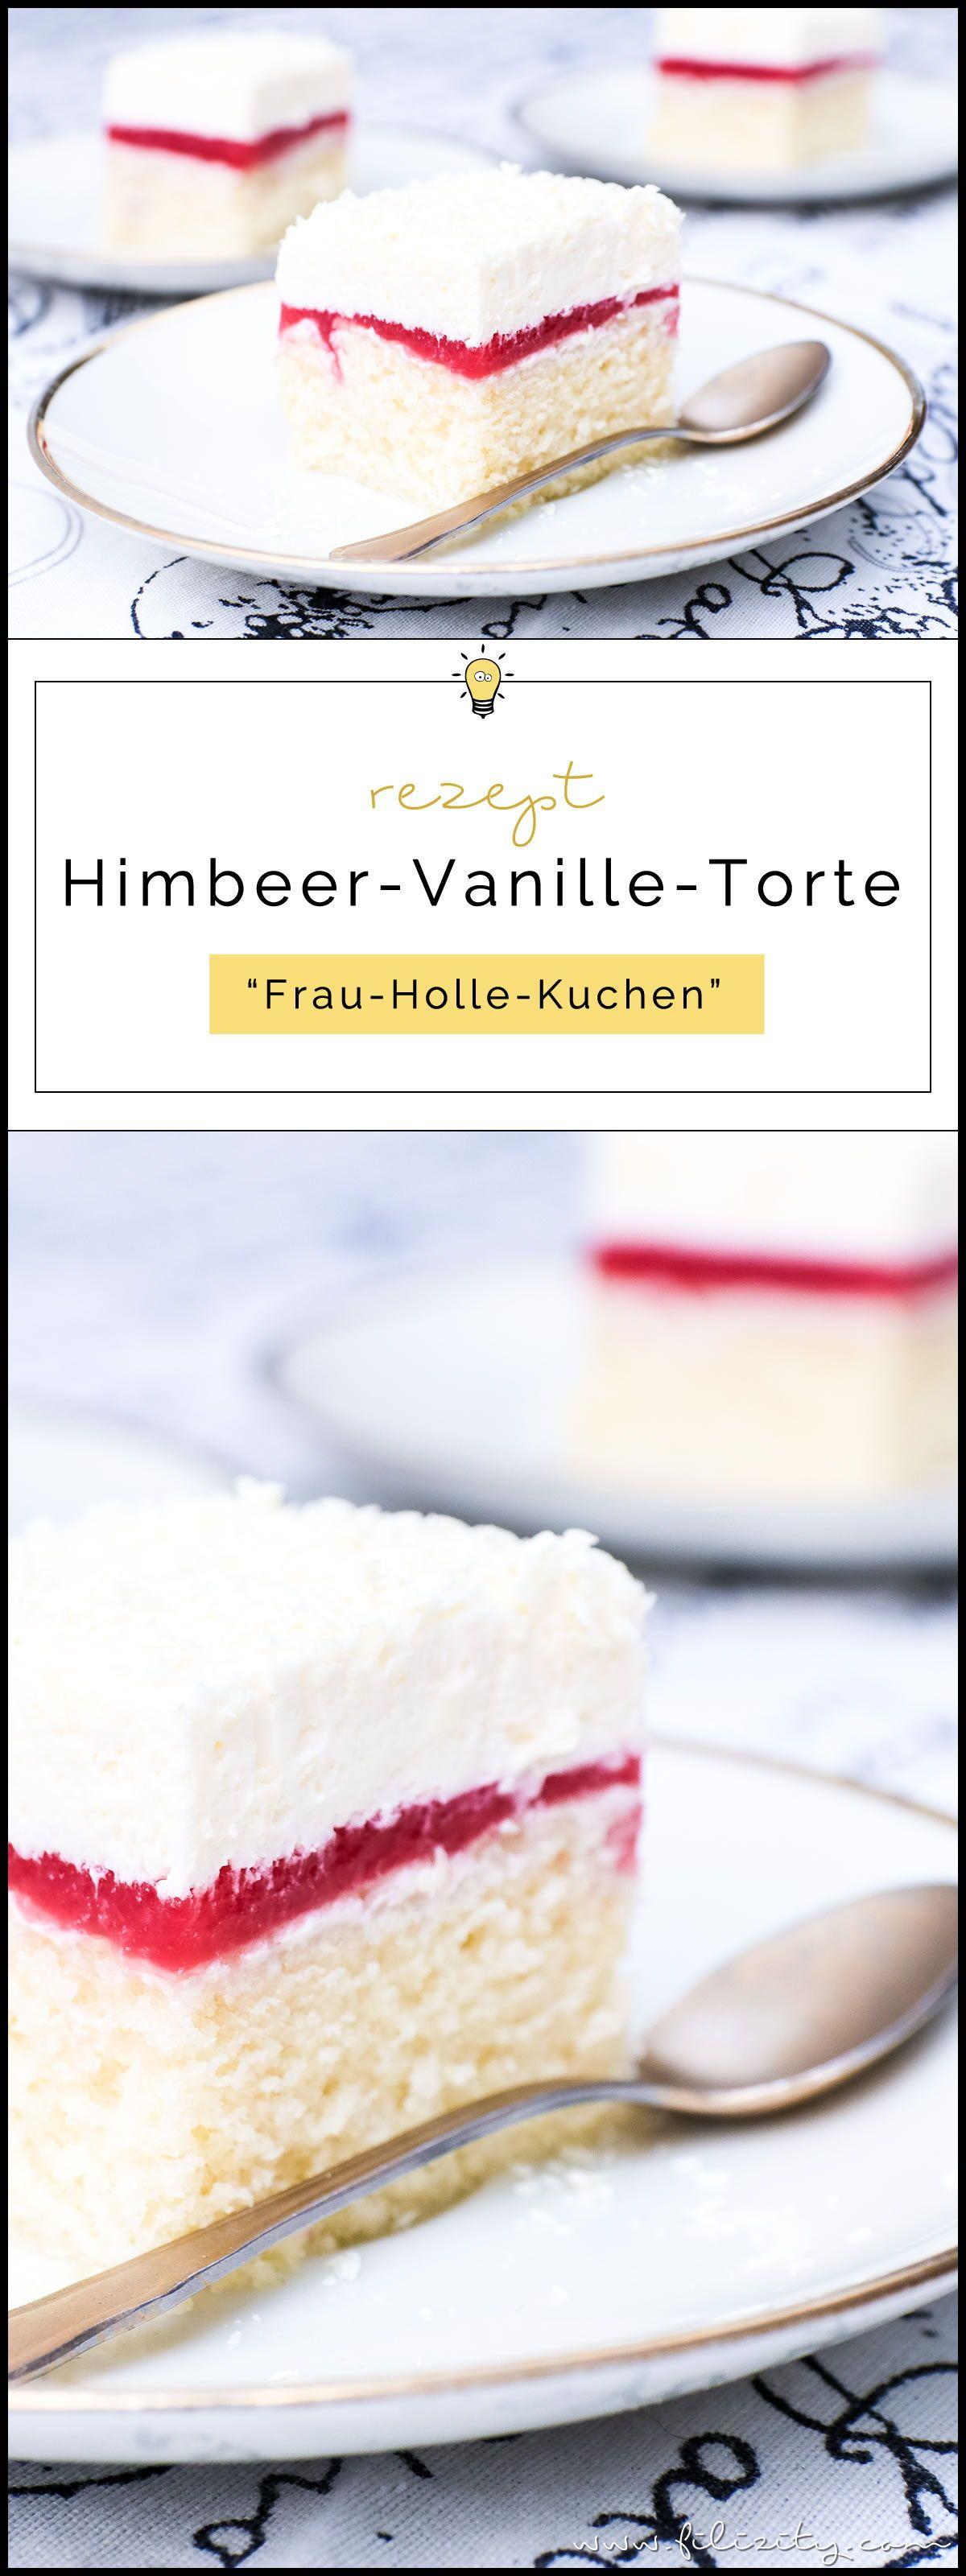 Himbeer-Vanille-Torte (Frau Holle Kuchen) | Filizity.com | Food-Blog aus dem Rheinland